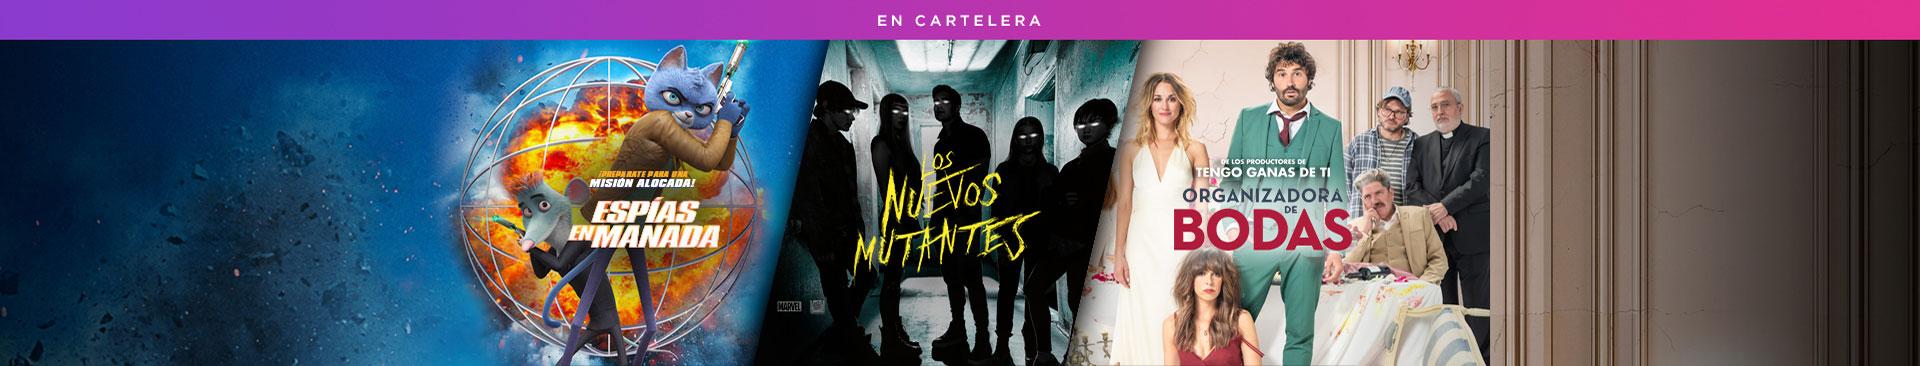 En Cartelera : Espías en Manada  Los Nuevos Mutantes Organizadora de bodas